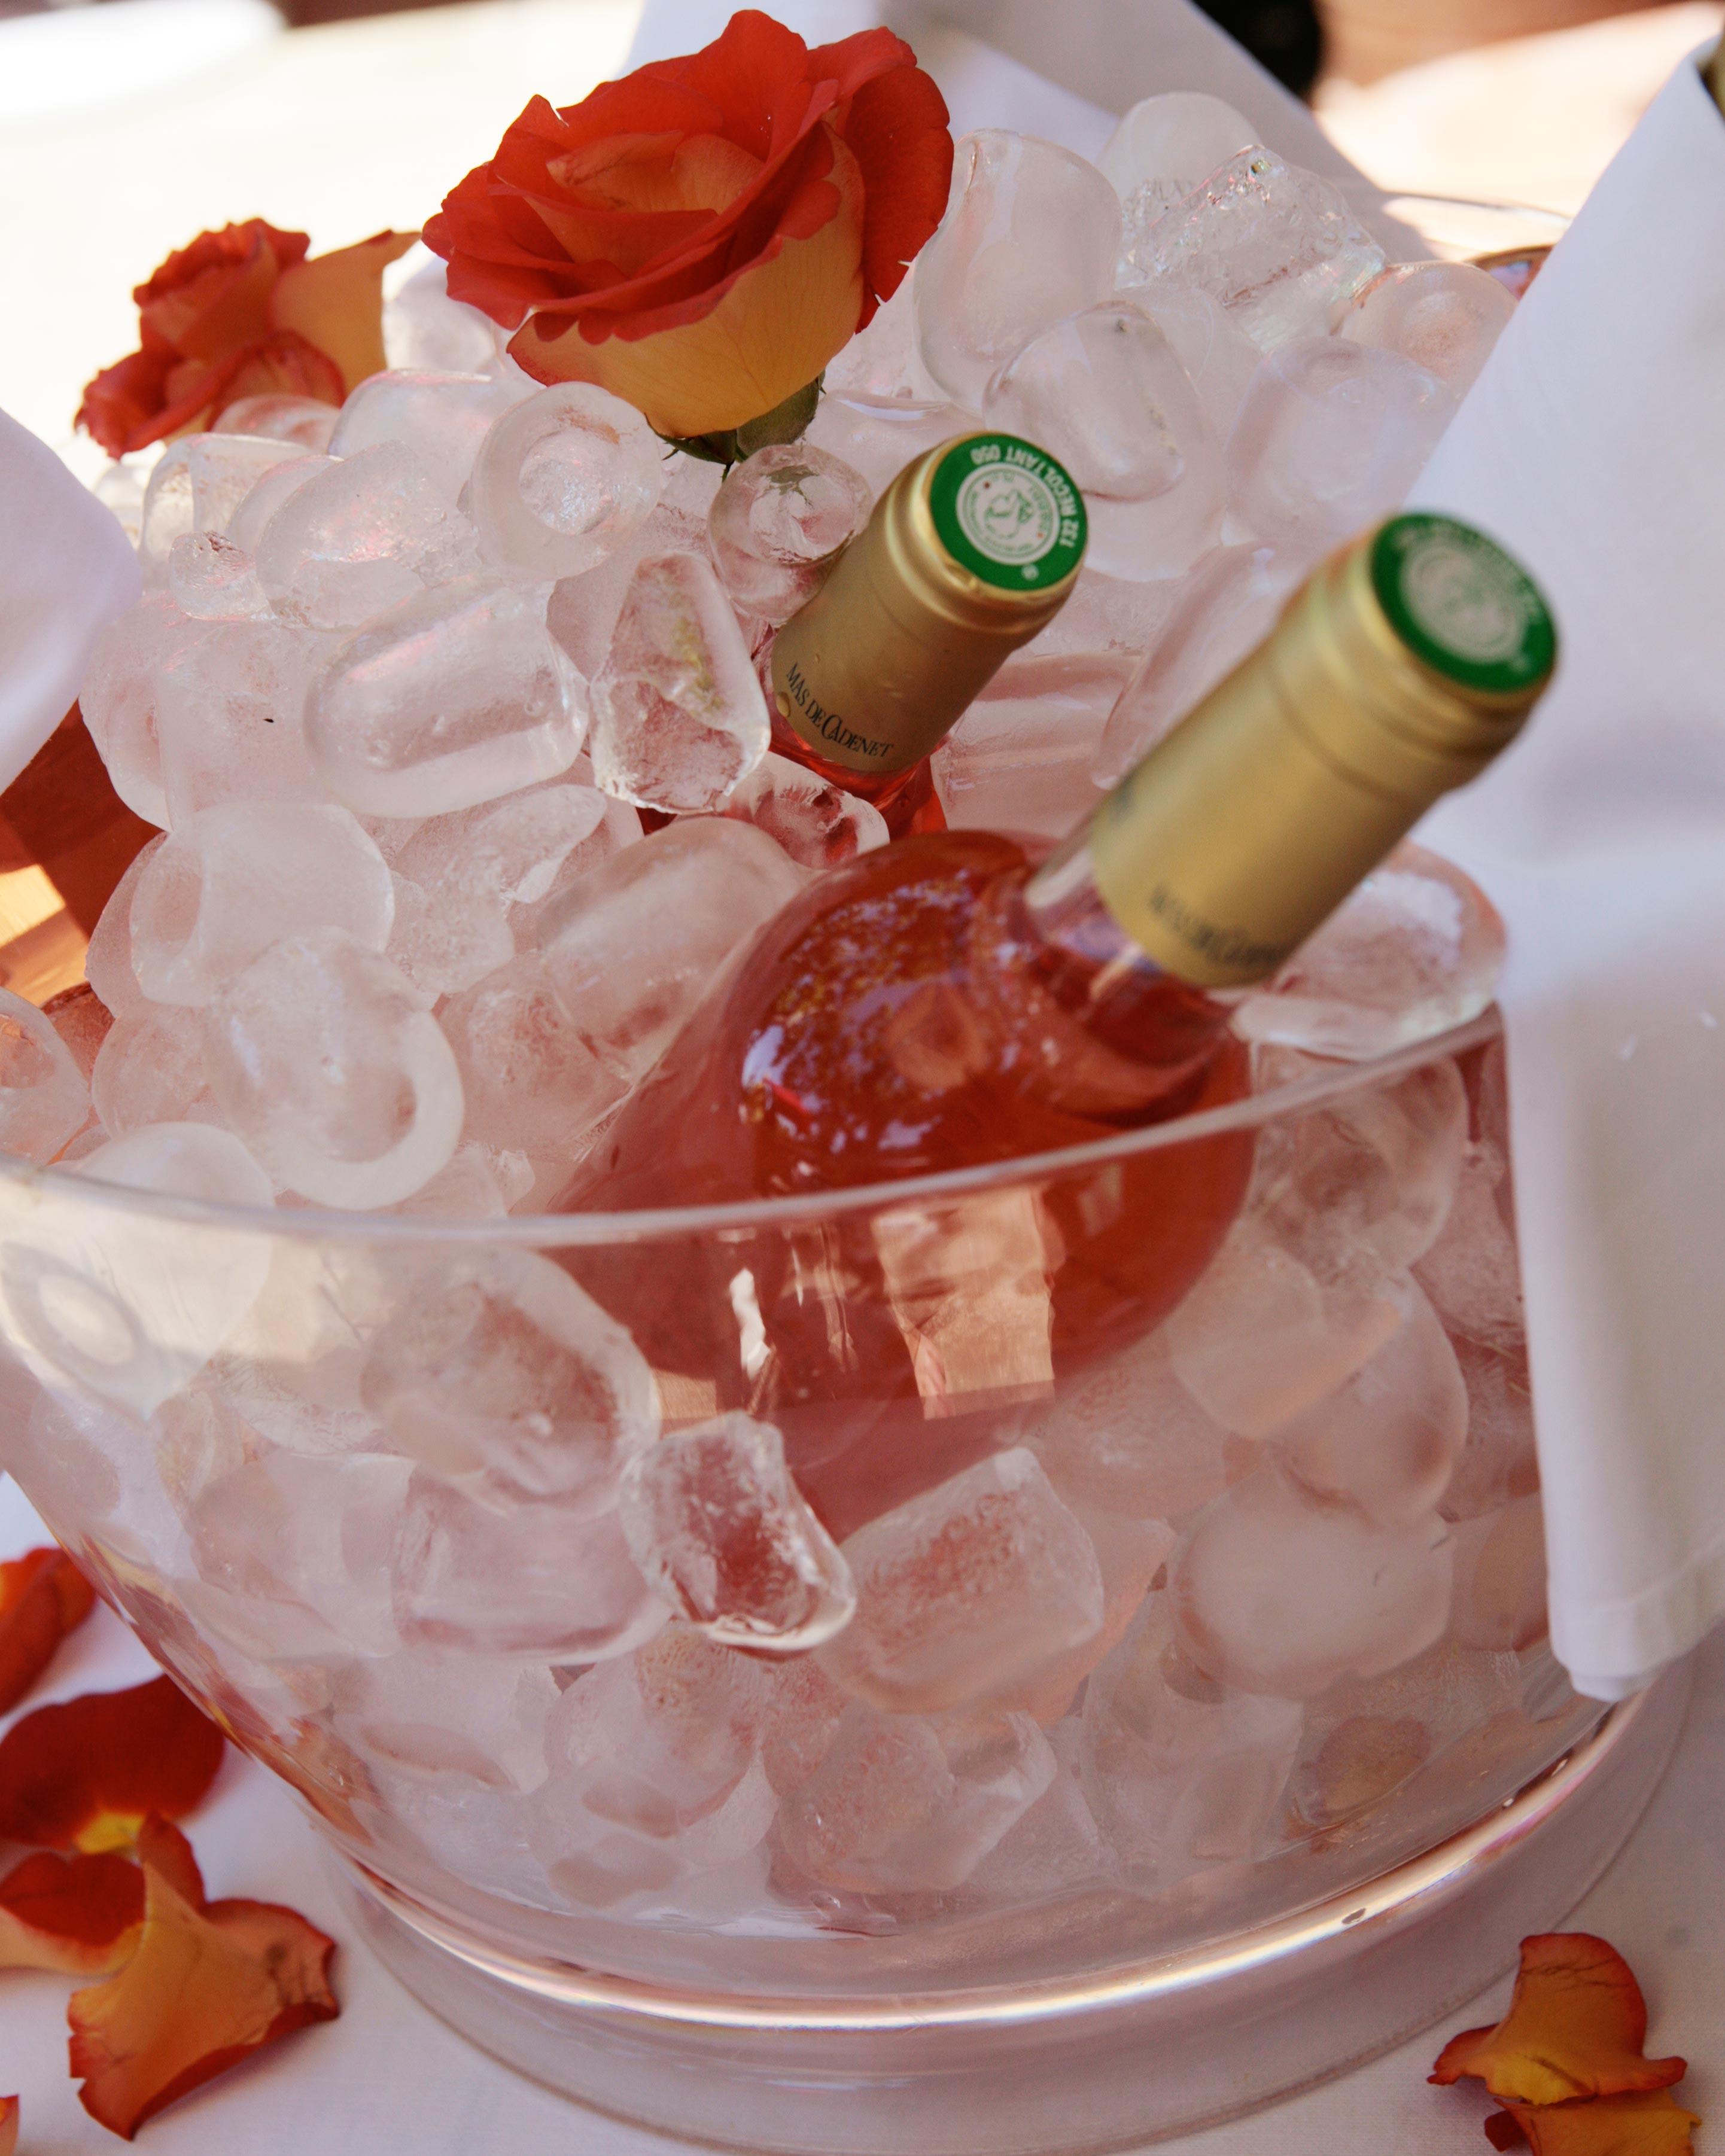 valentines-day-wedding-ideas-rose-0216.jpg